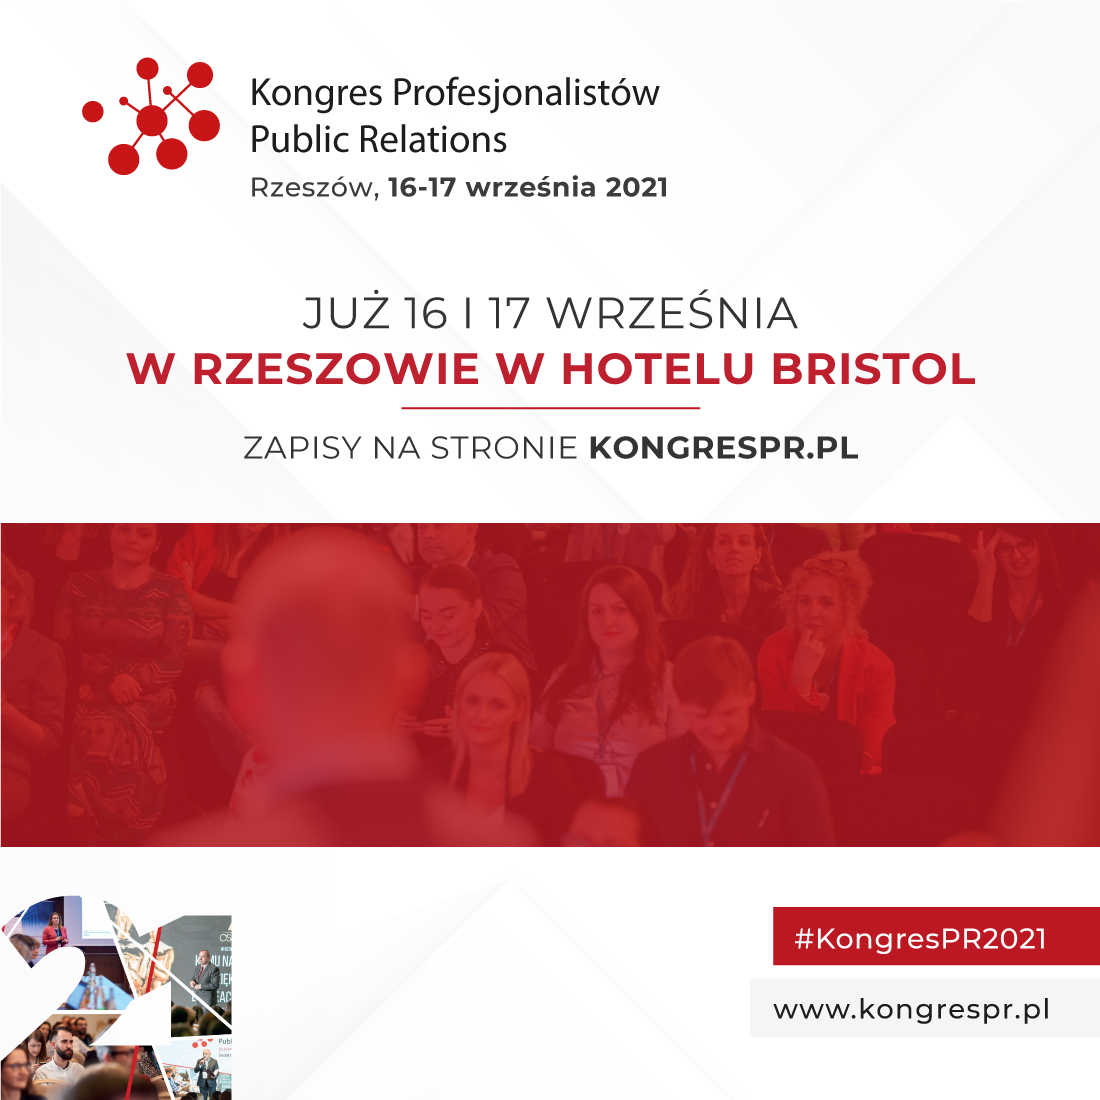 KONGRES PROFESJONALISTÓW PUBLIC RELATIONS 16 - 17 września 2021